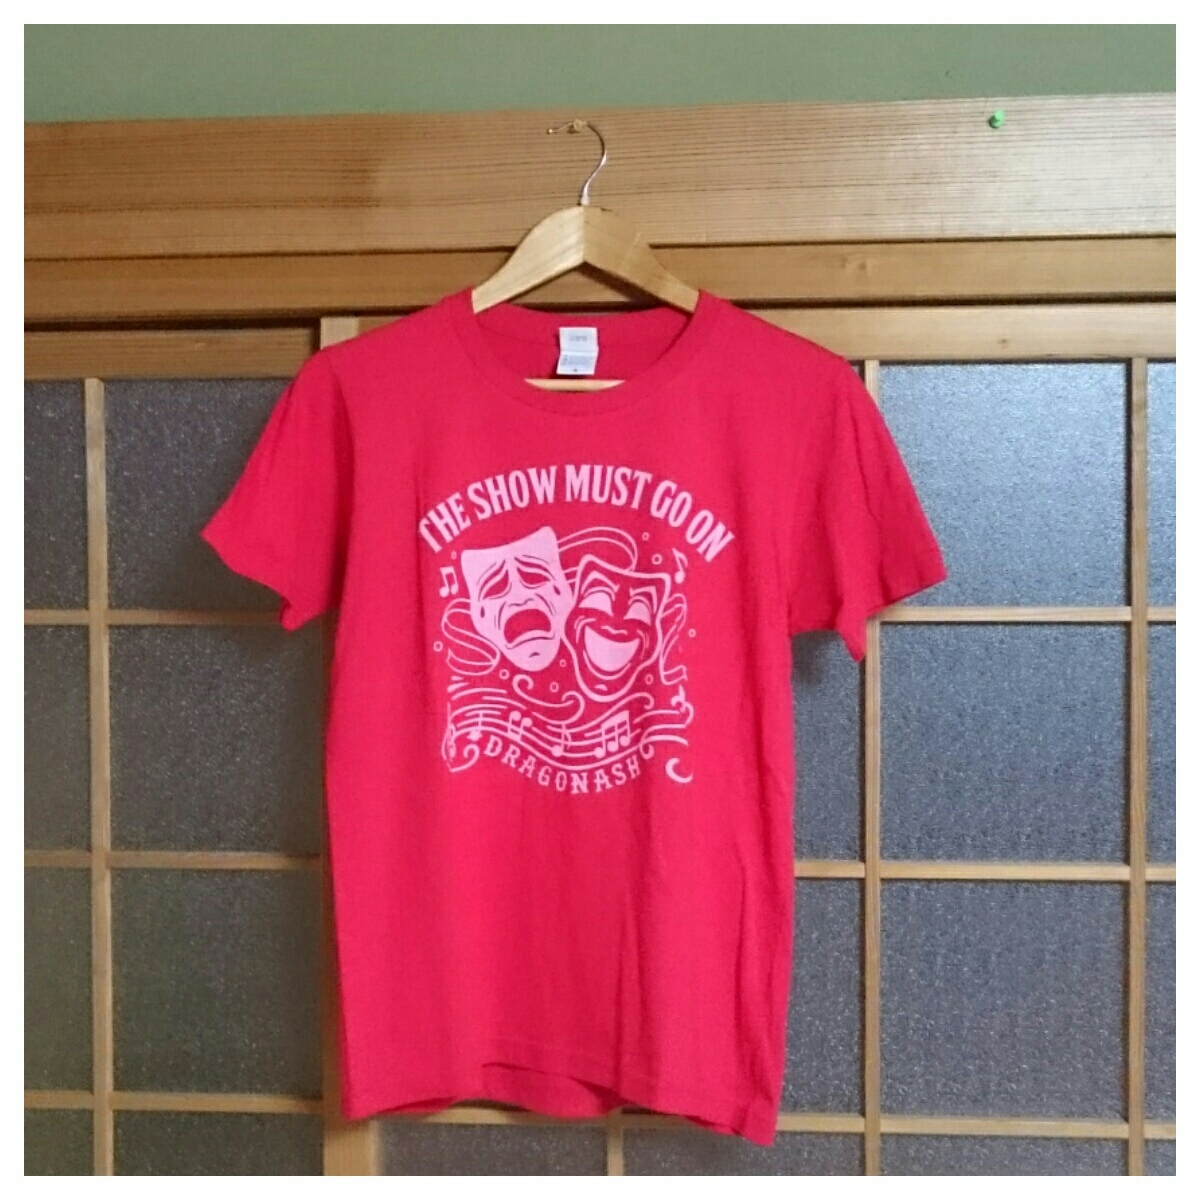 3 美品 DRAGON ASH ドラゴンアッシュ 2014 THE SHOW MUST GO ON ライブツアーTシャツ ロックT バンドT Sサイズ 赤_画像1